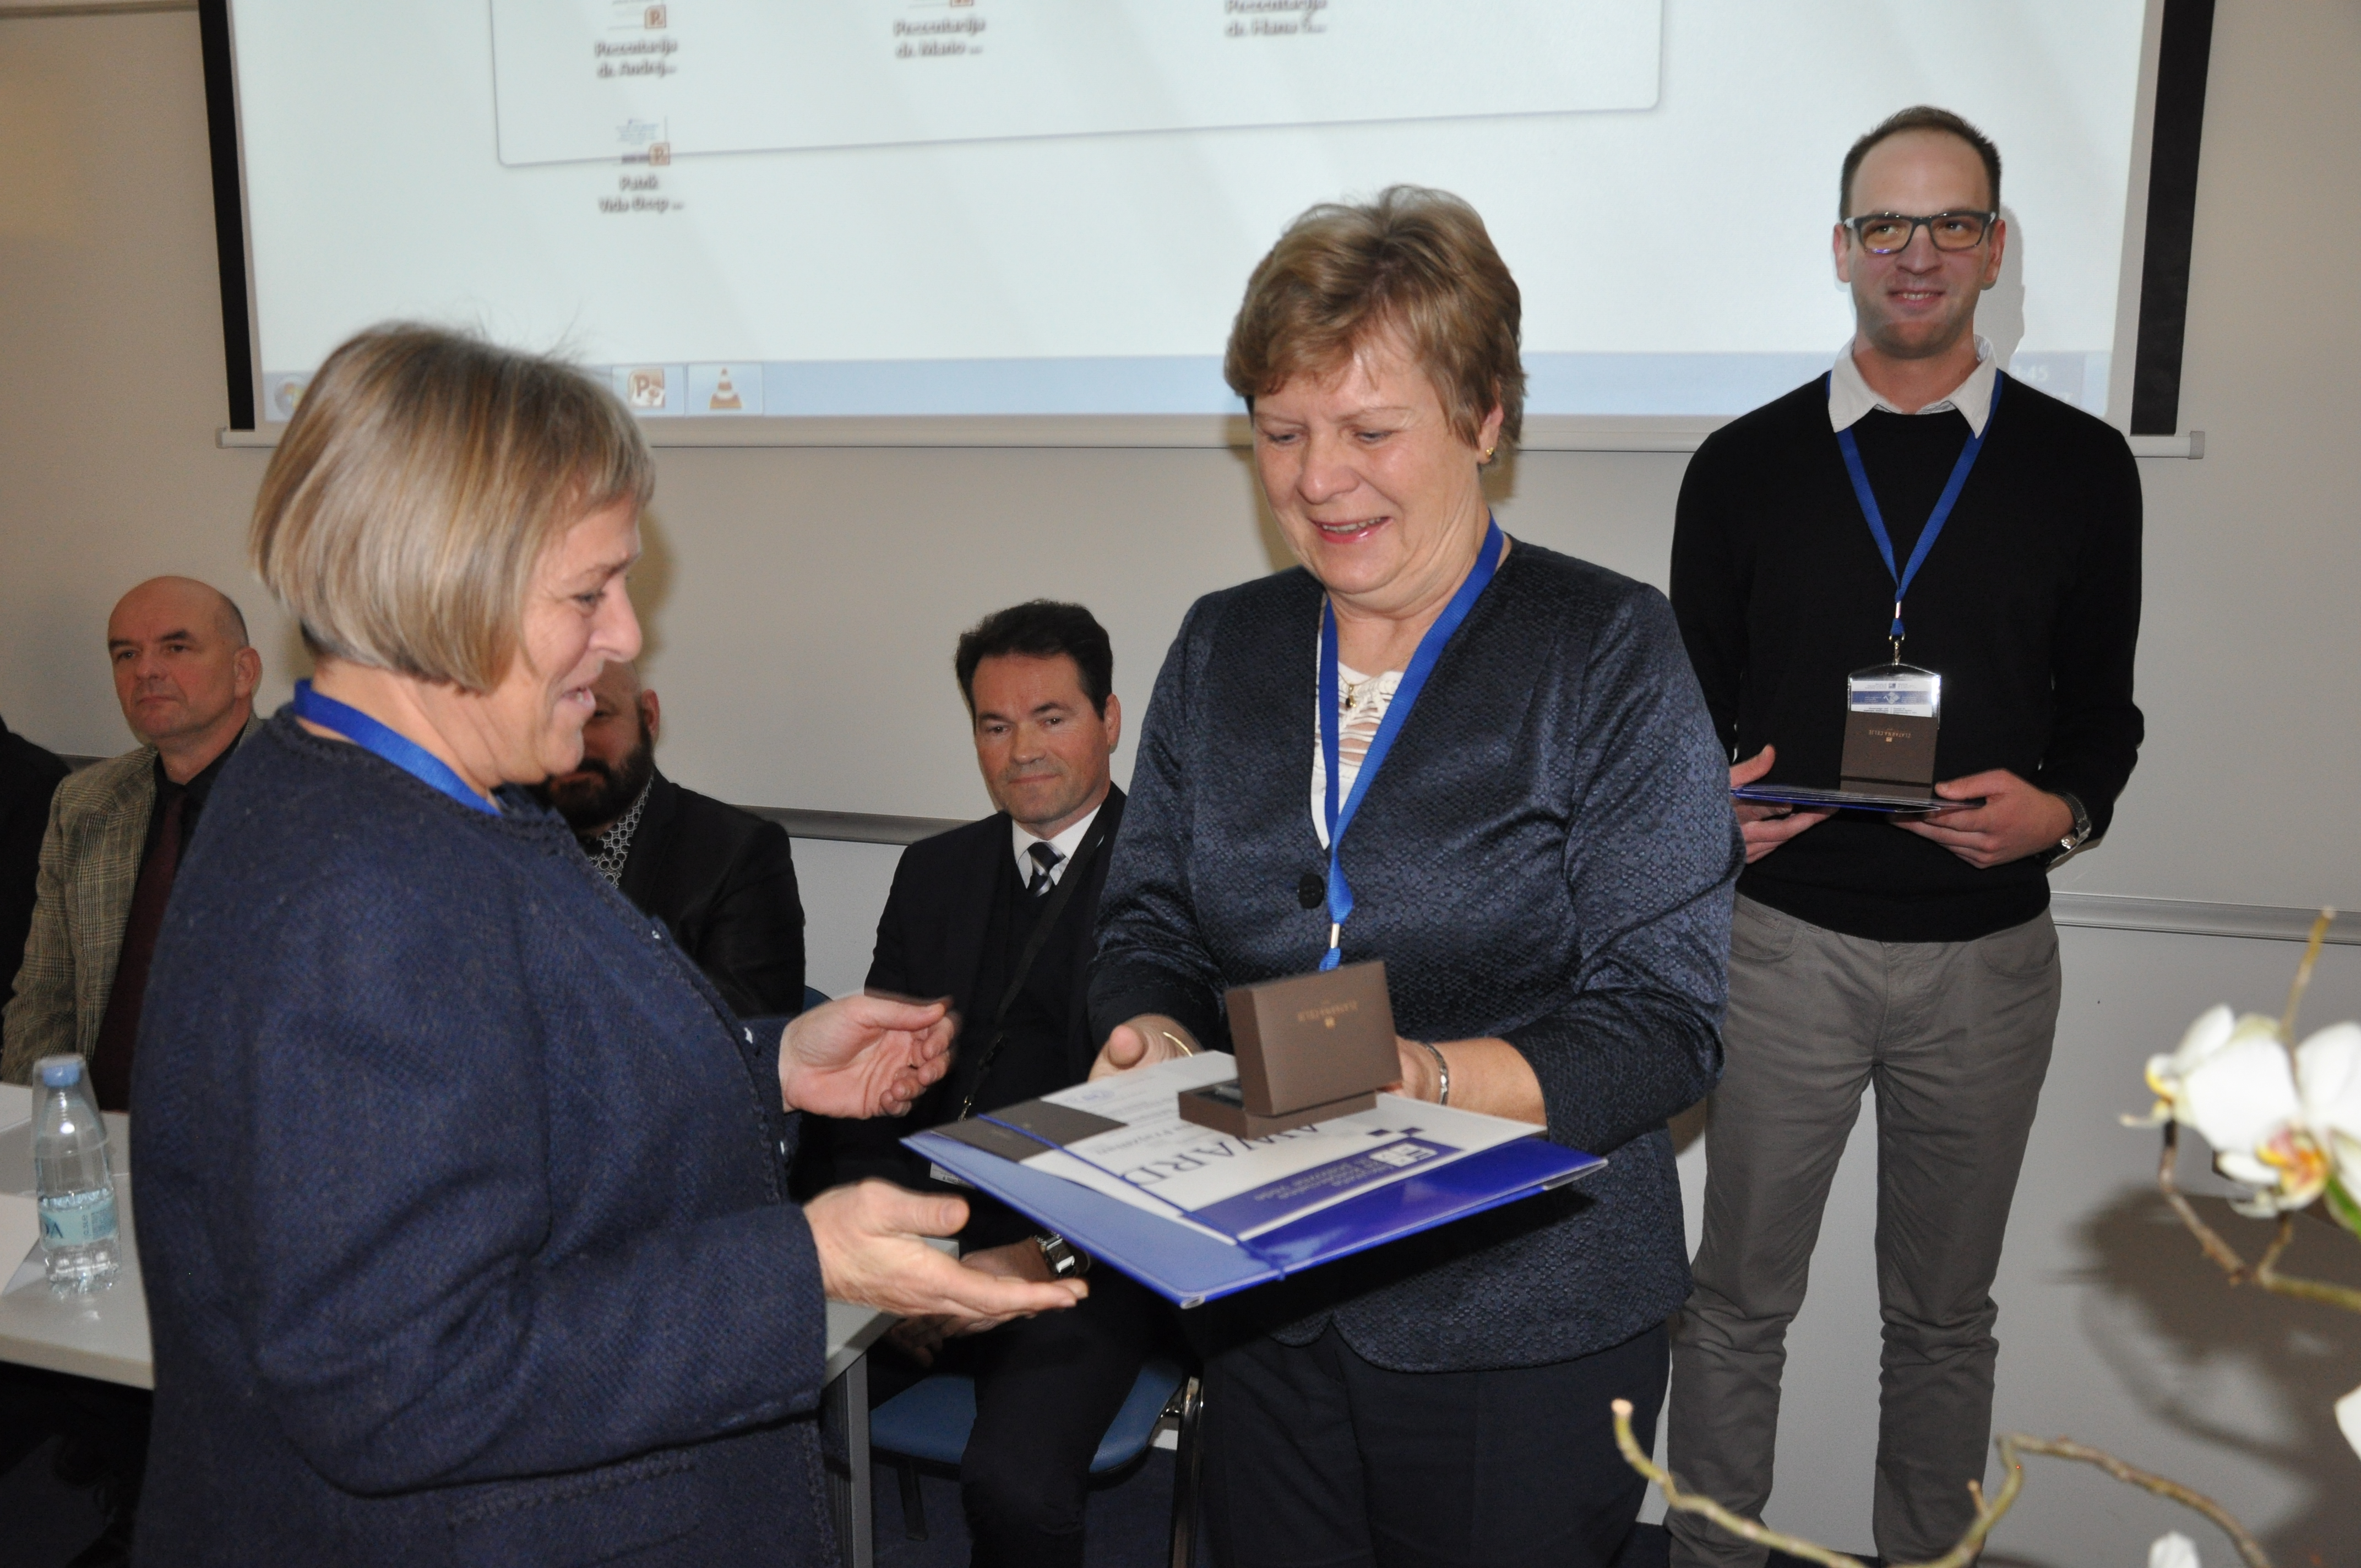 Priznanje za najboljši članek konference pa je prejela  mag. Polona Frajzman s prispevkom Sodelovanje managerjev slovenskih potovalnih agencij s poslovnimi partnerji v tujini.